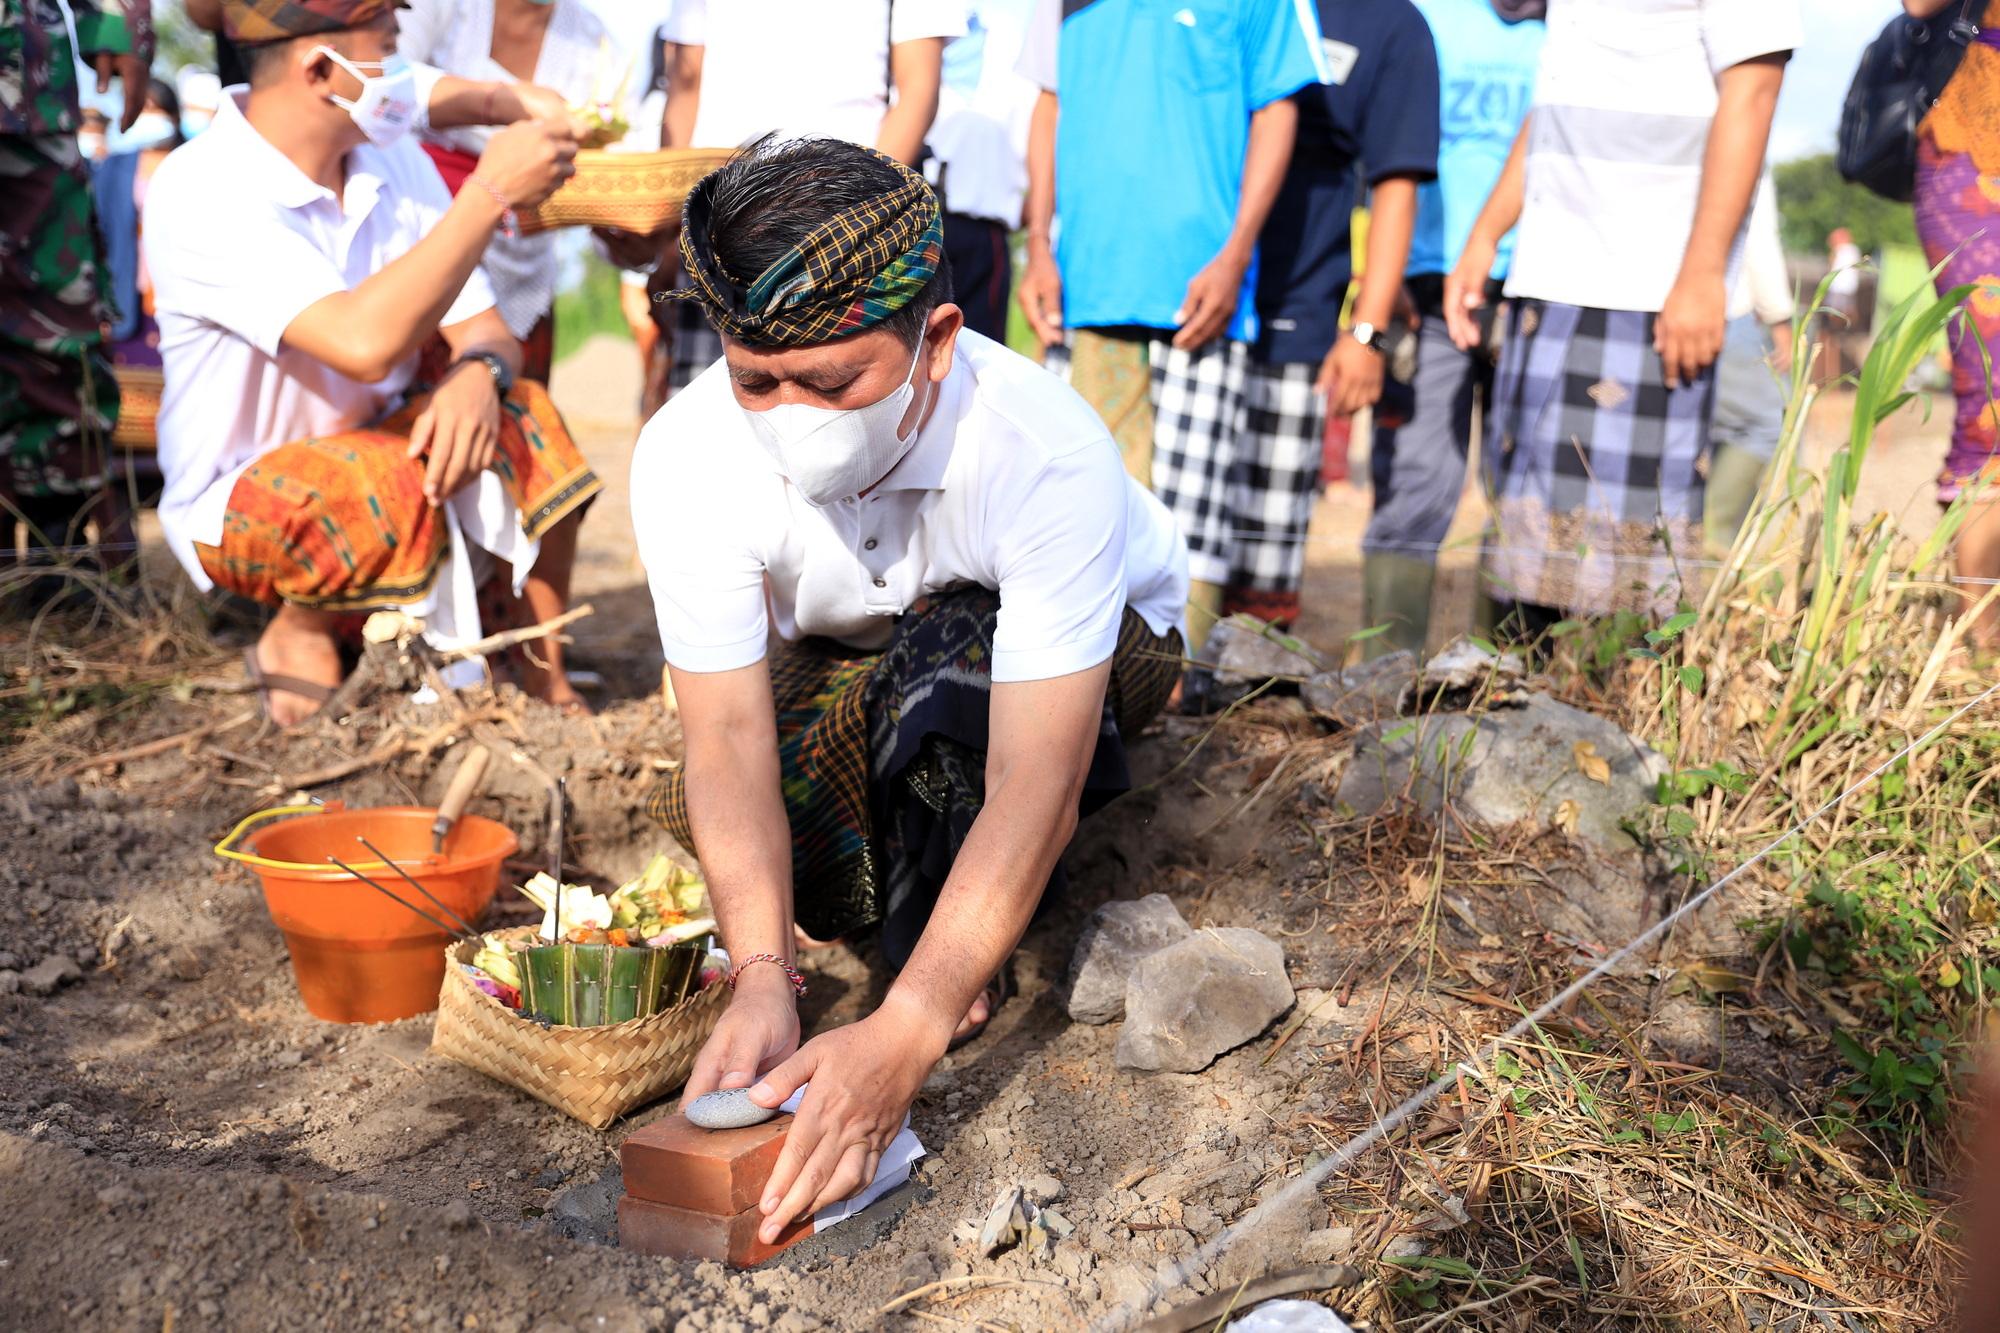 BUPATI Suwirta meletakkan batu pertama pembangunan TPSTD di Jalan Raya Watu Klotok, Dusun Tojan Klod, Desa Tojan, Minggu (22/8/2021). Foto: ist